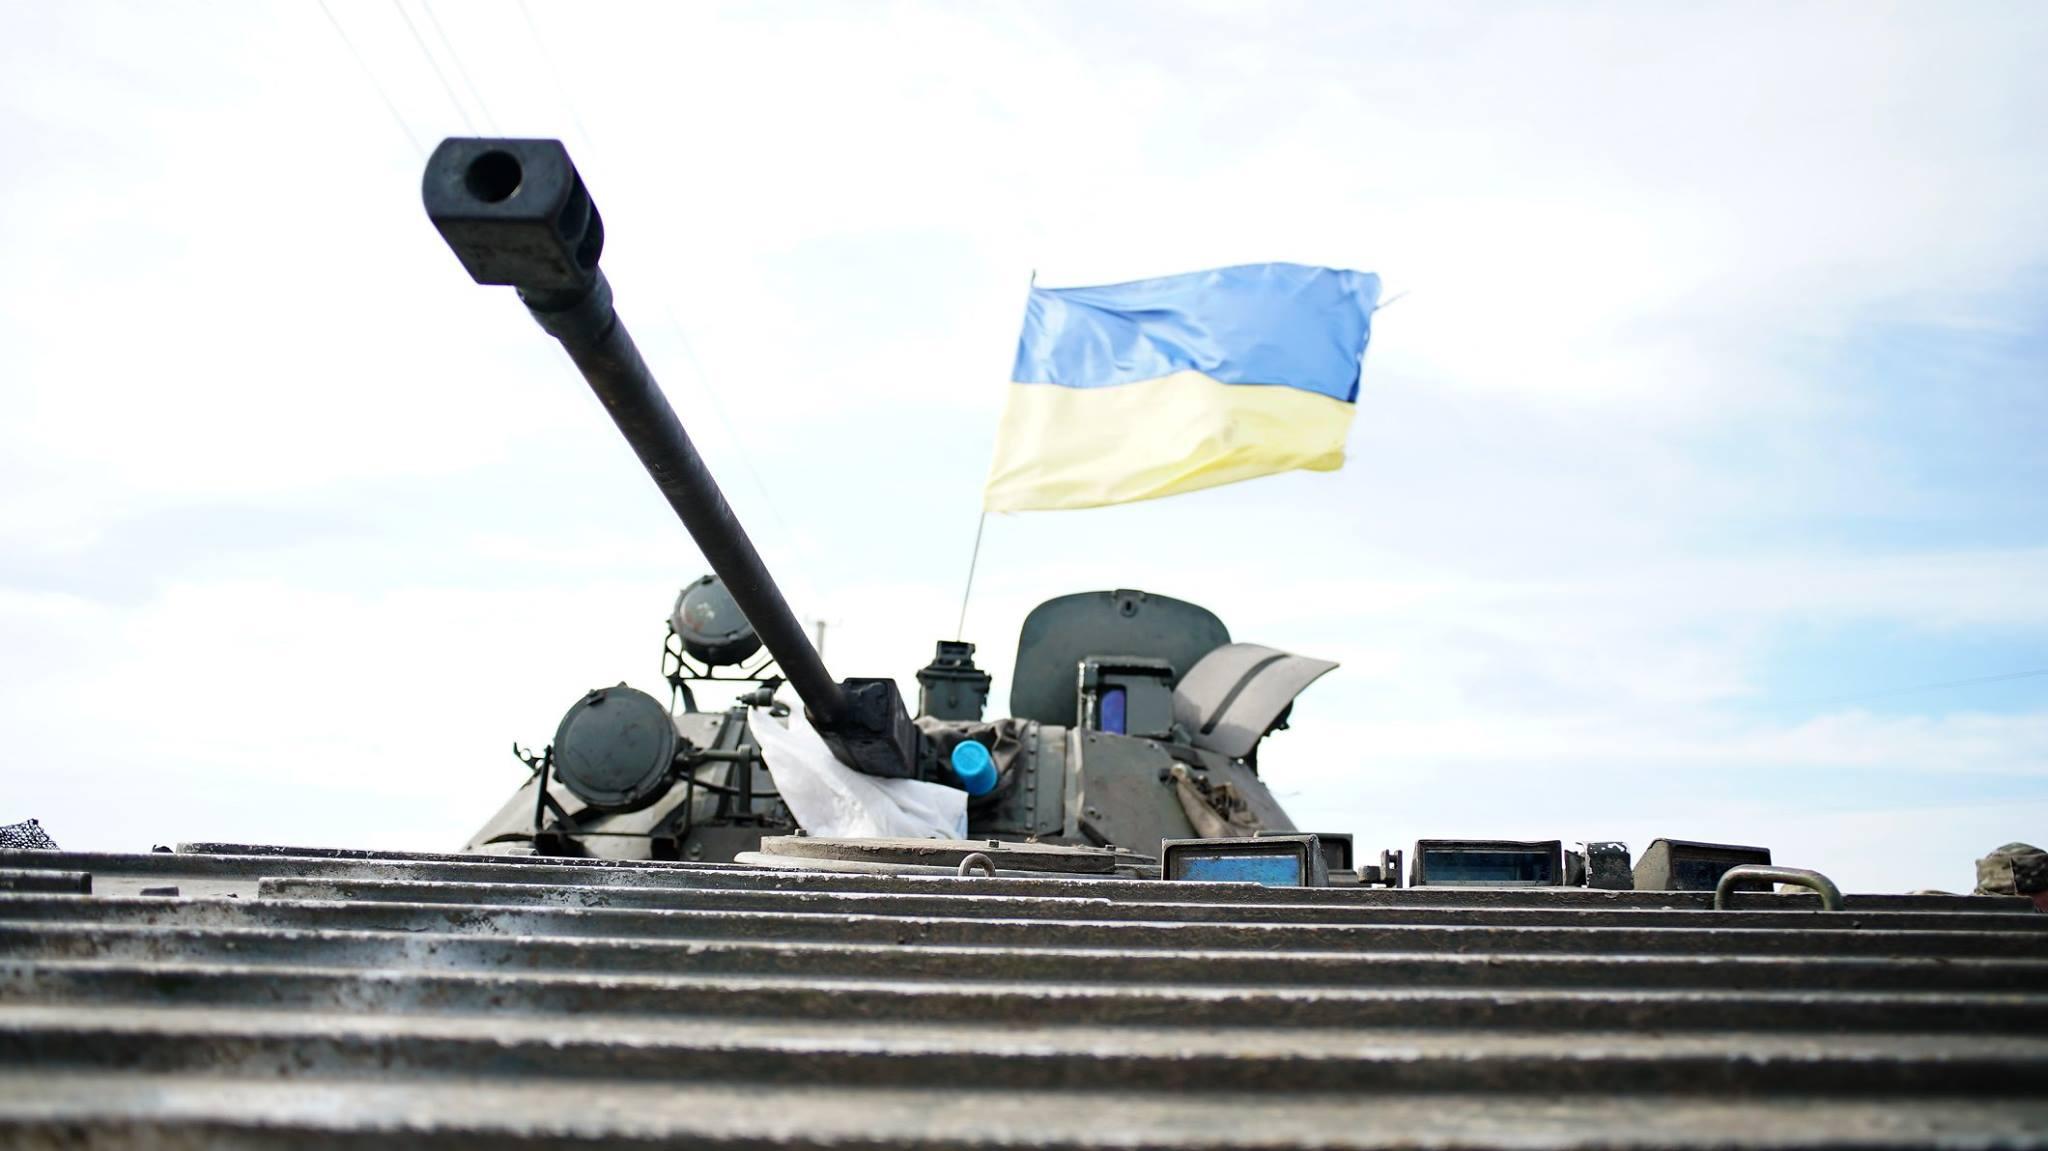 АТО, Донбасс, ВСУ, военные, БМП